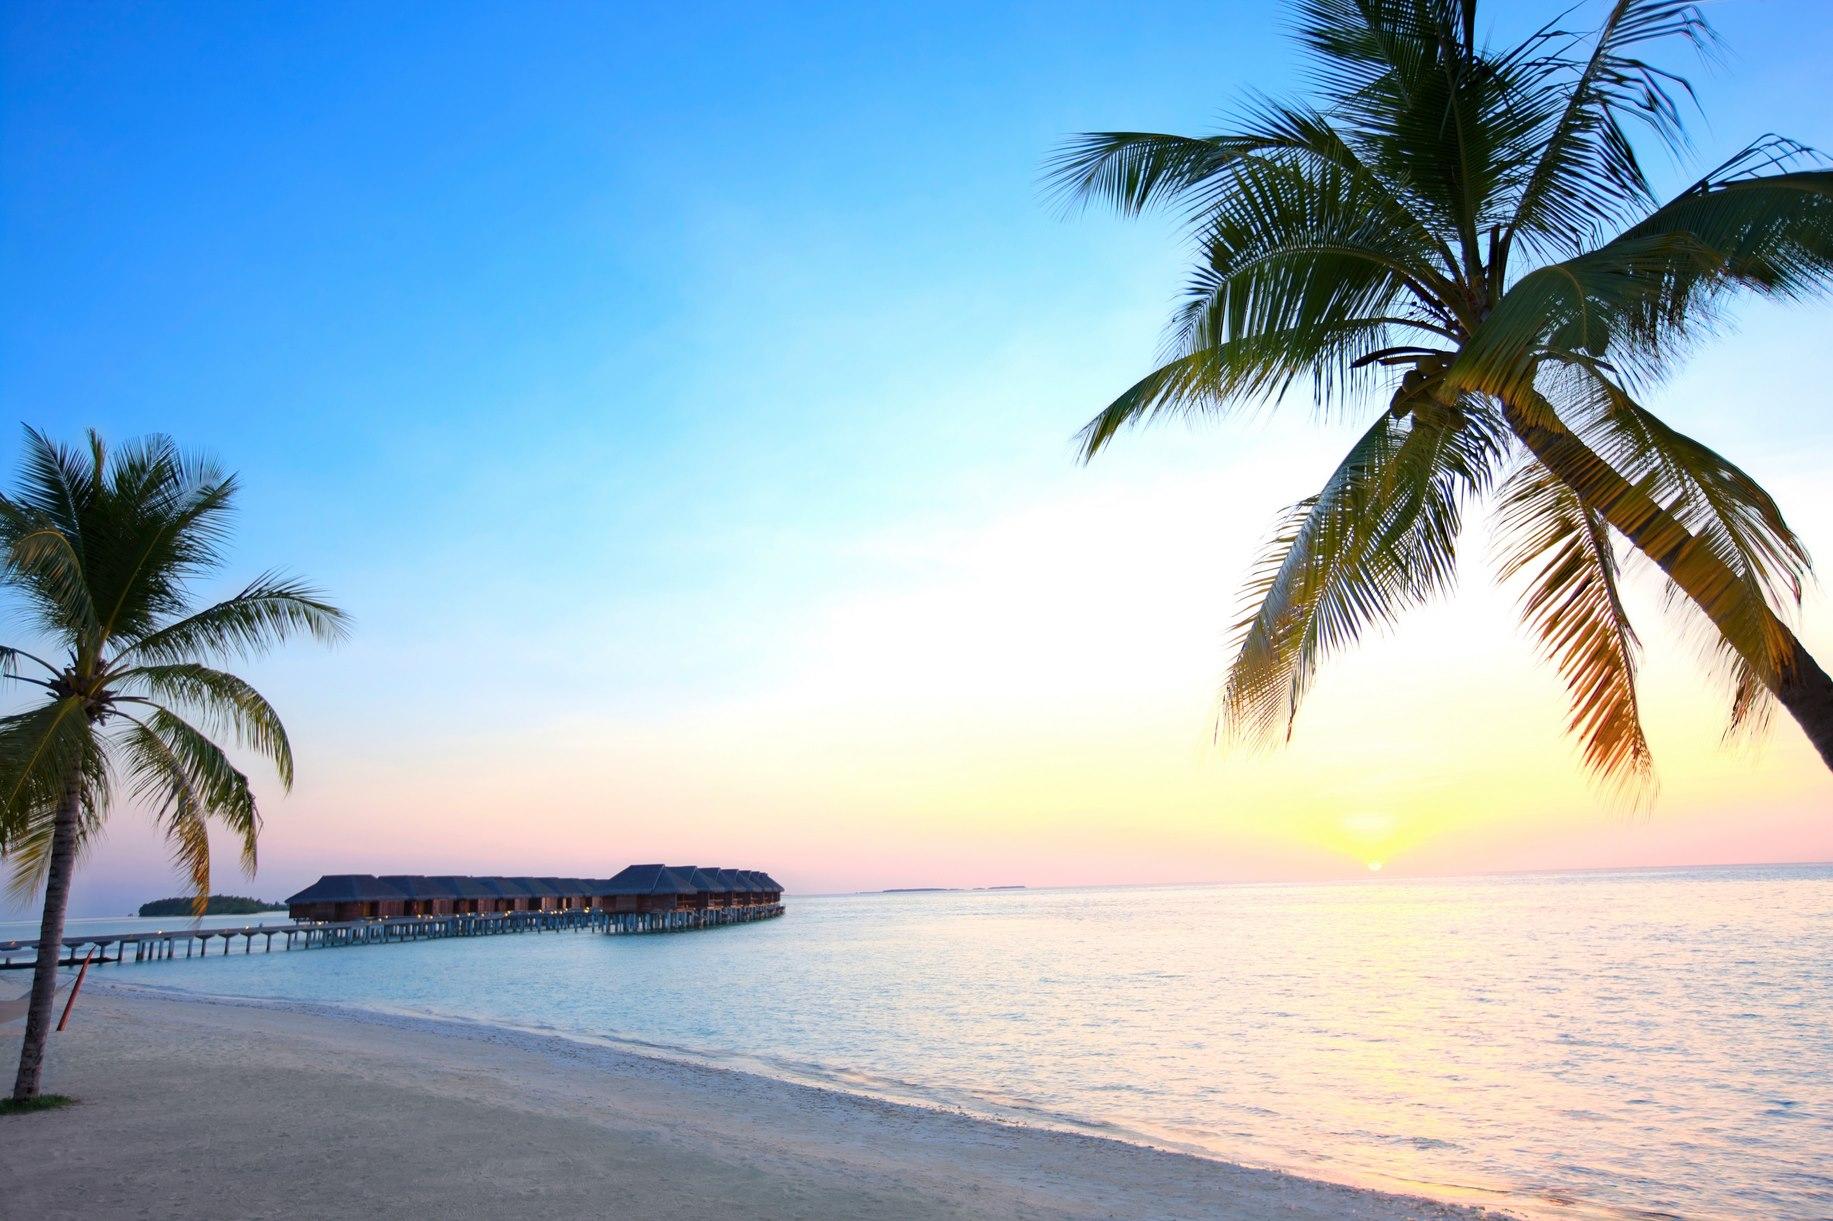 Сколько стоит отдых на Мальдивах - стоимость тура, основные затраты